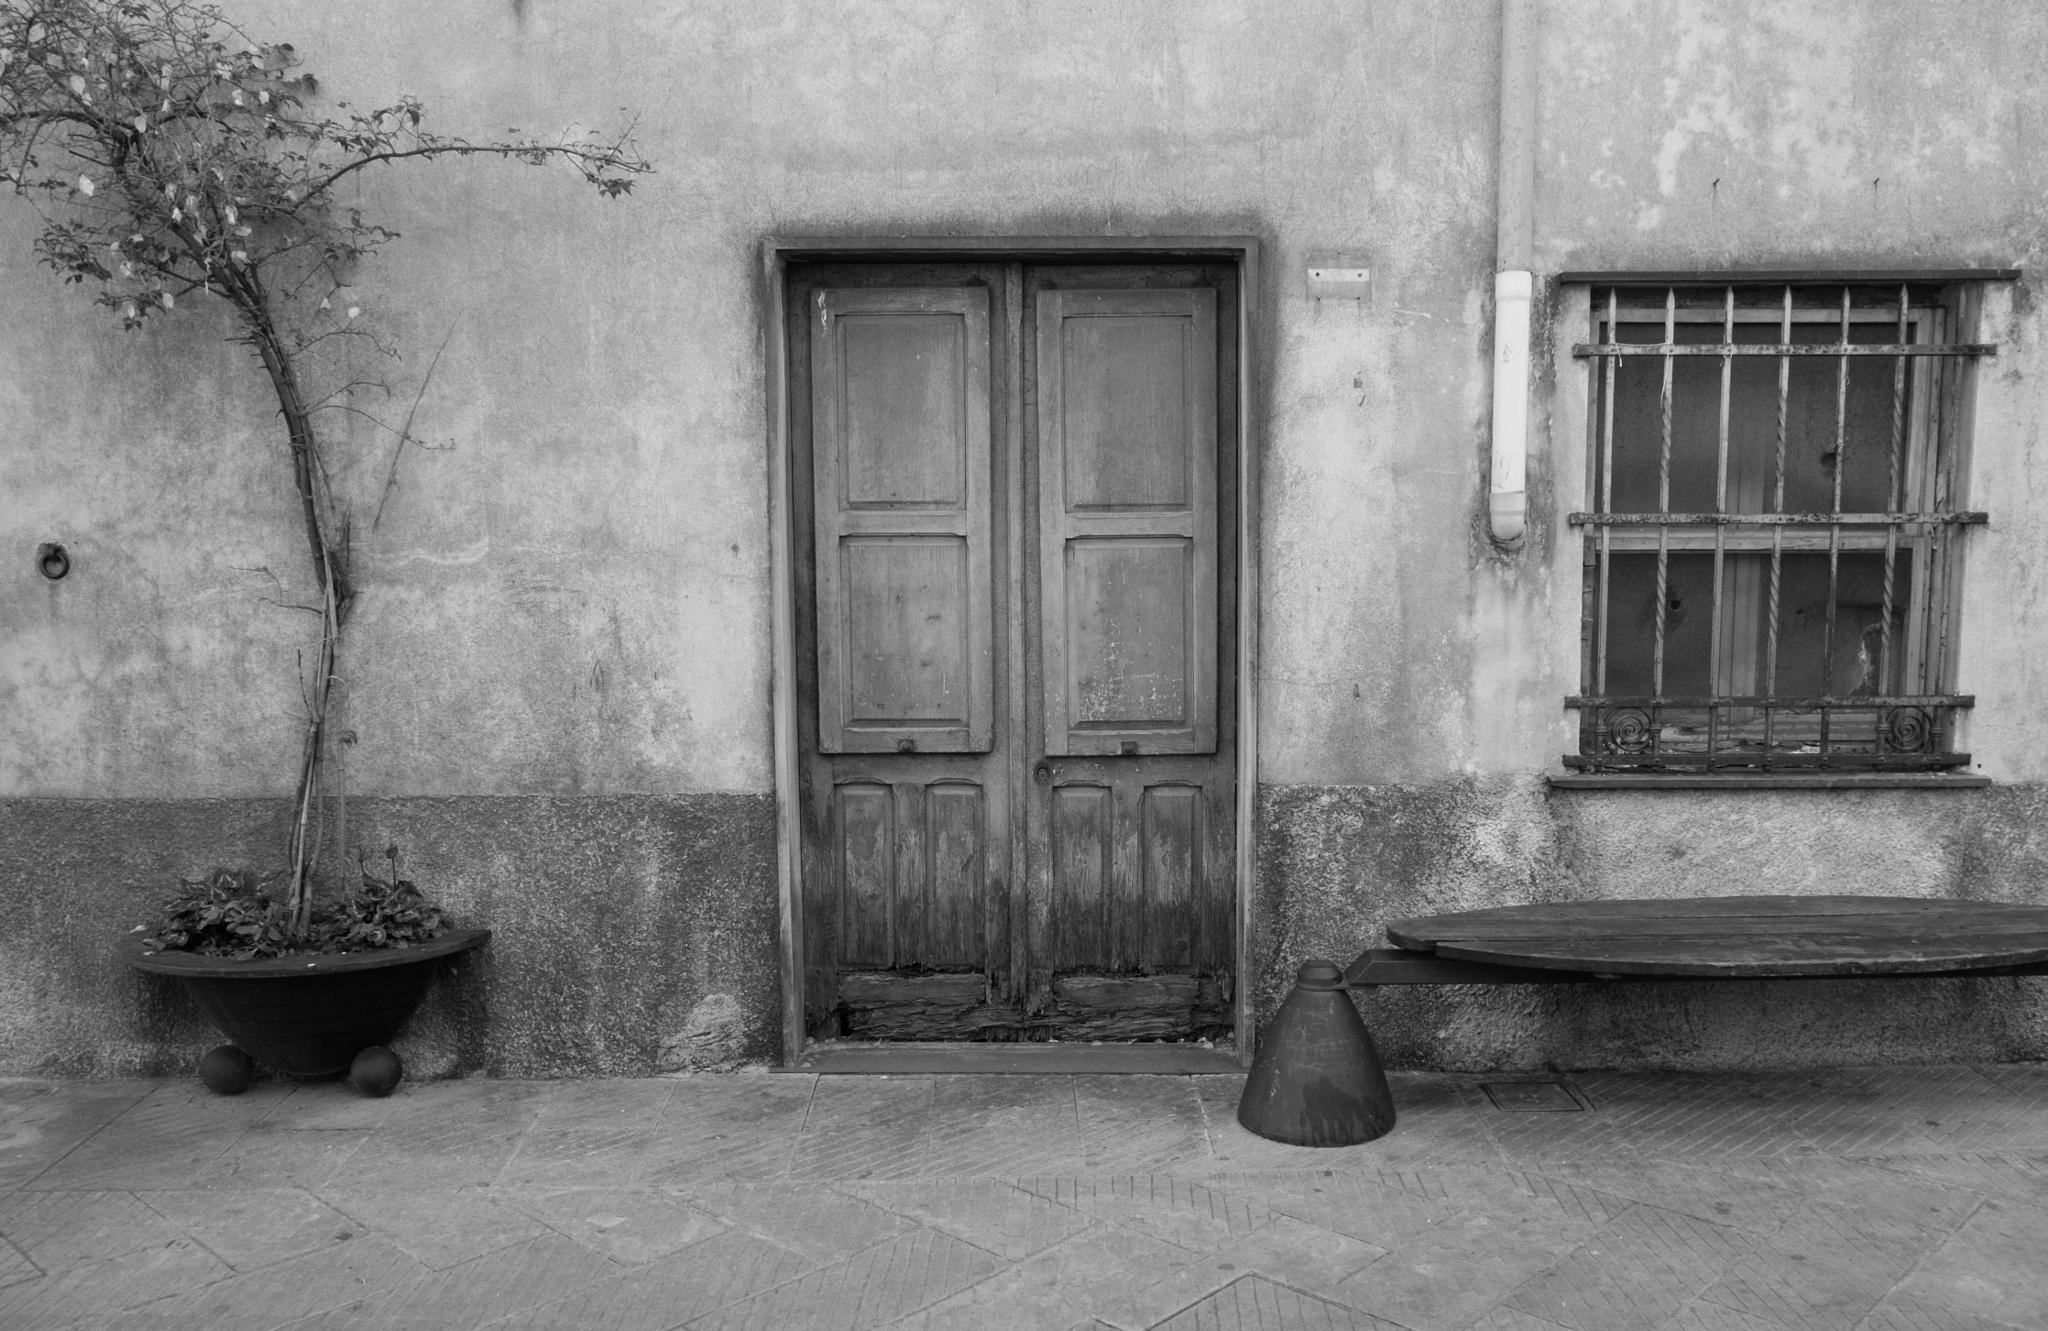 carrugio ligure by bcorech